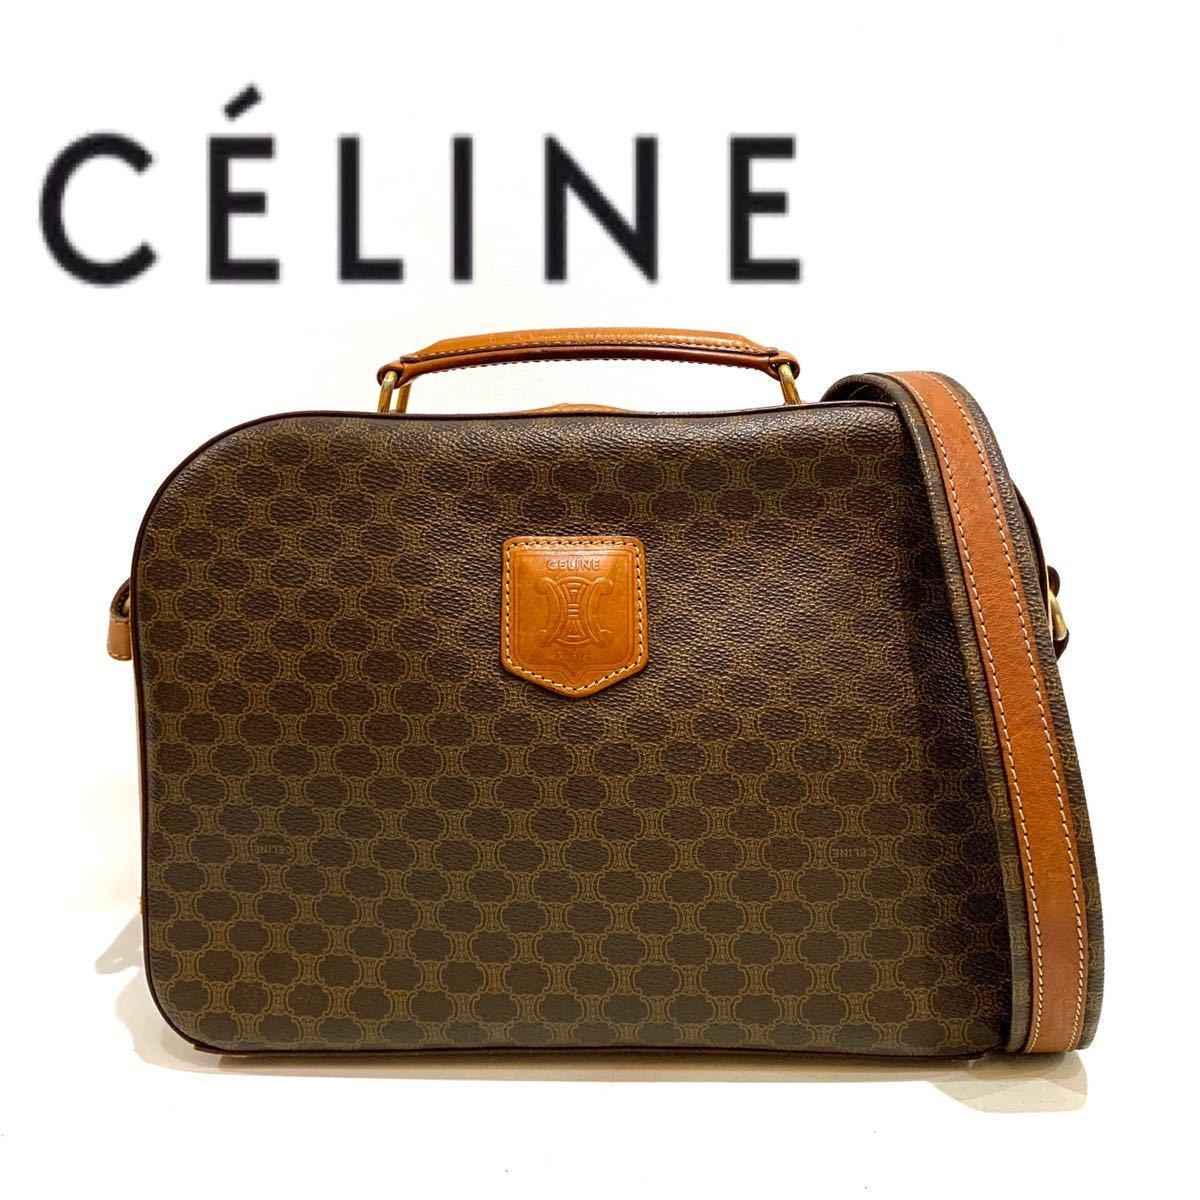 CELINE セリーヌ マカダム 2way ビジネス ショルダーバッグ レザー オールド ヴィンテージ ハンドバッグ